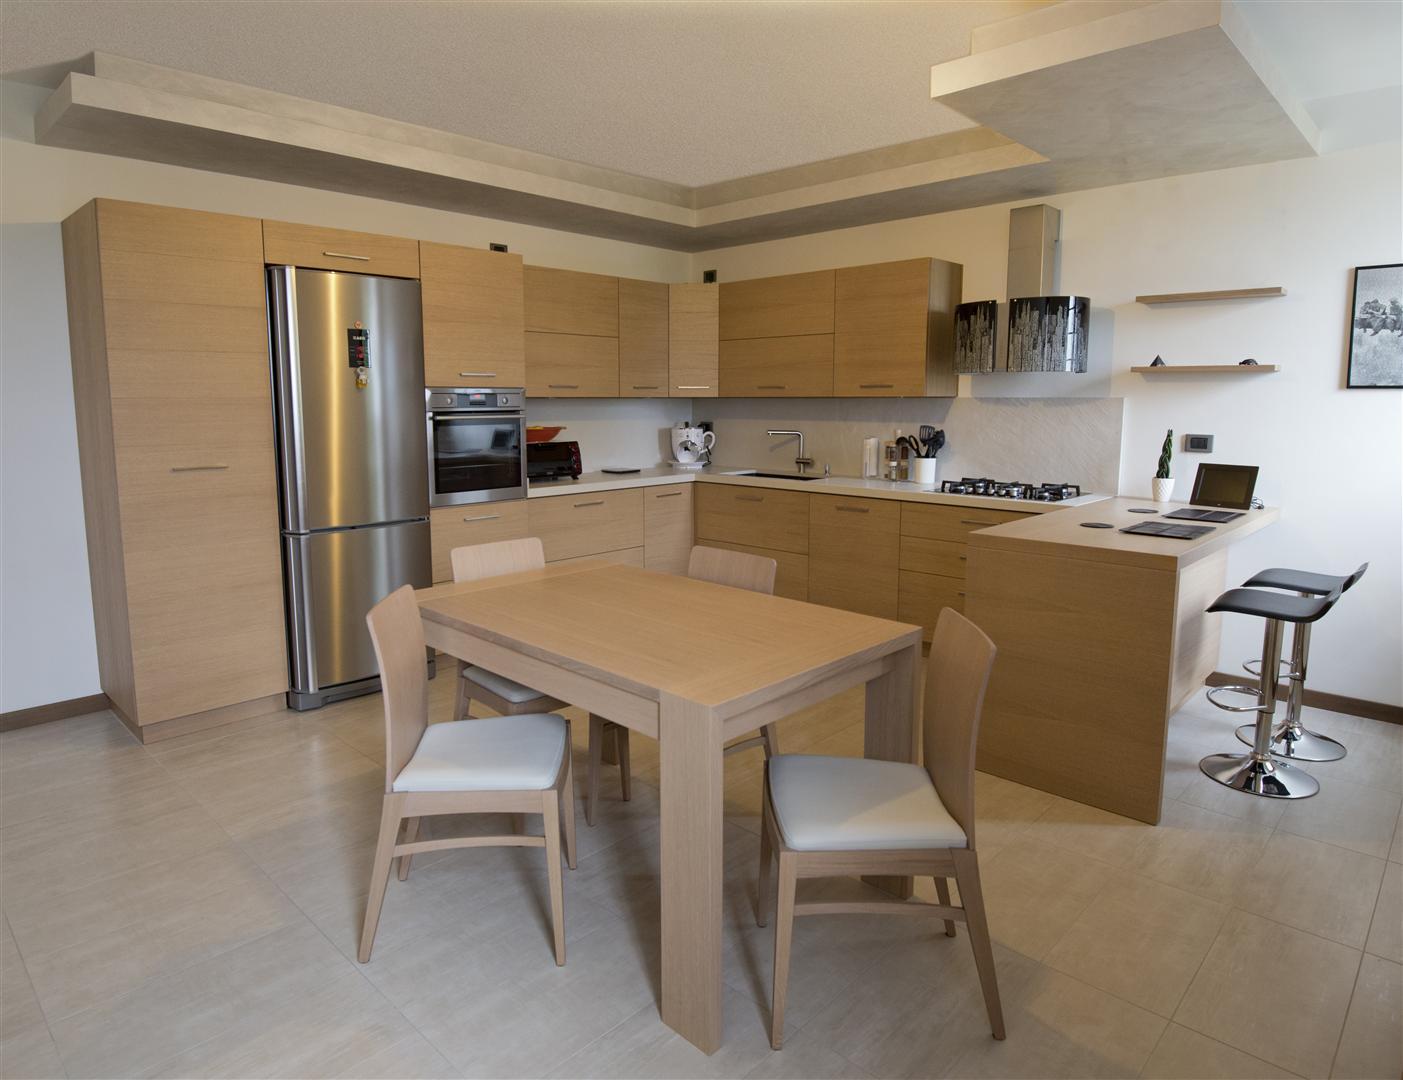 Cucina Moderna In Rovere Sbiancato.Cucine Moderne Rovere Sbiancato Ispirazione Per La Casa